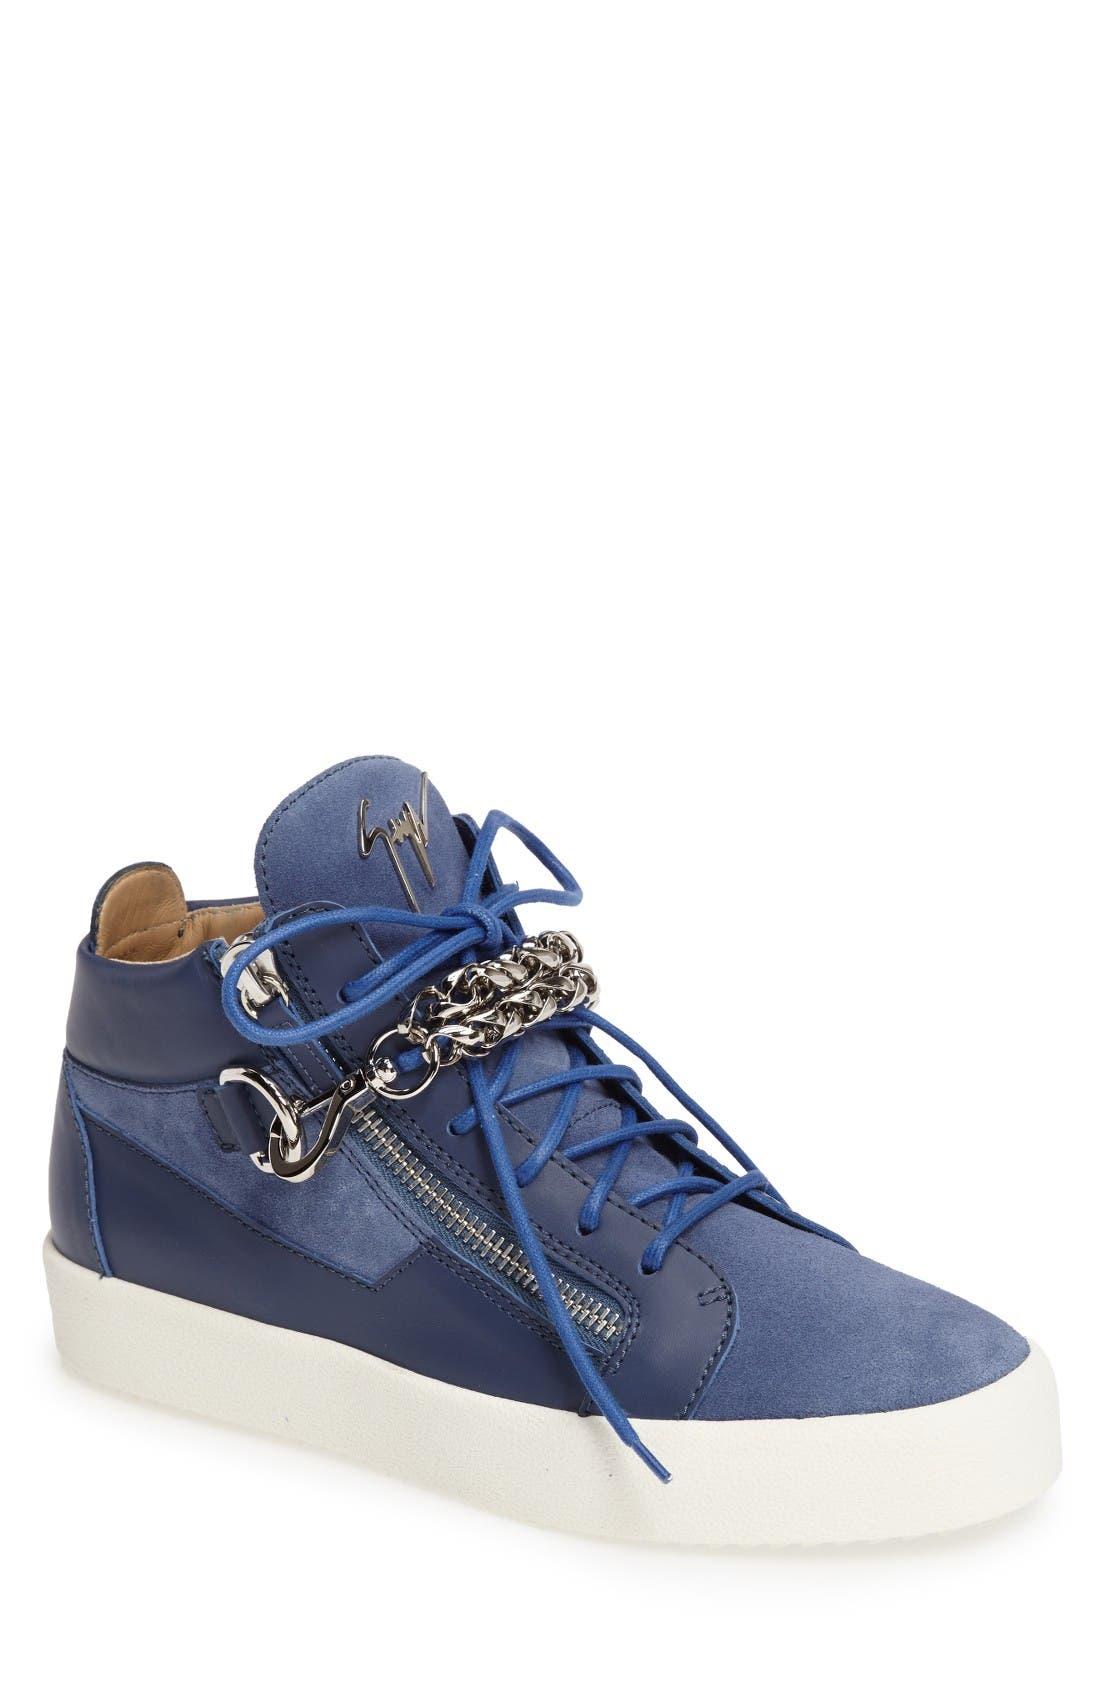 Alternate Image 1 Selected - Giuseppe Zanotti Chain Mid Top Sneaker (Men)